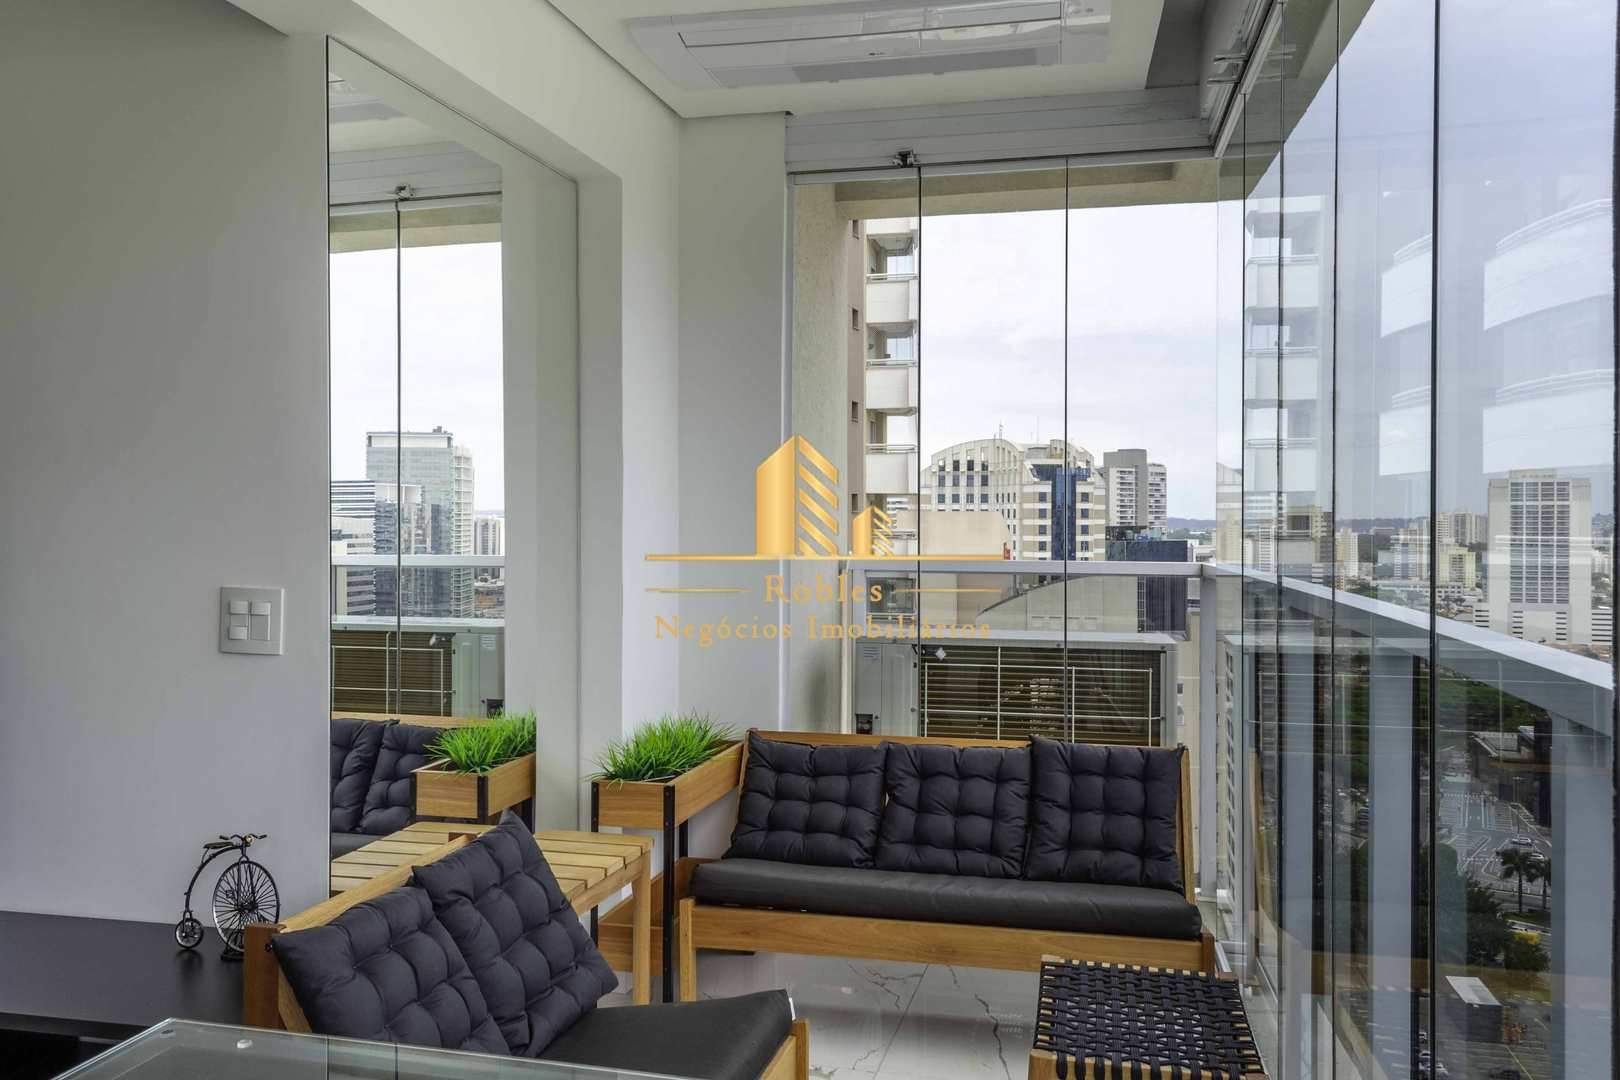 Apartamento com 1 dorm, Brooklin, São Paulo - R$ 1.06 mi, Cod: 830